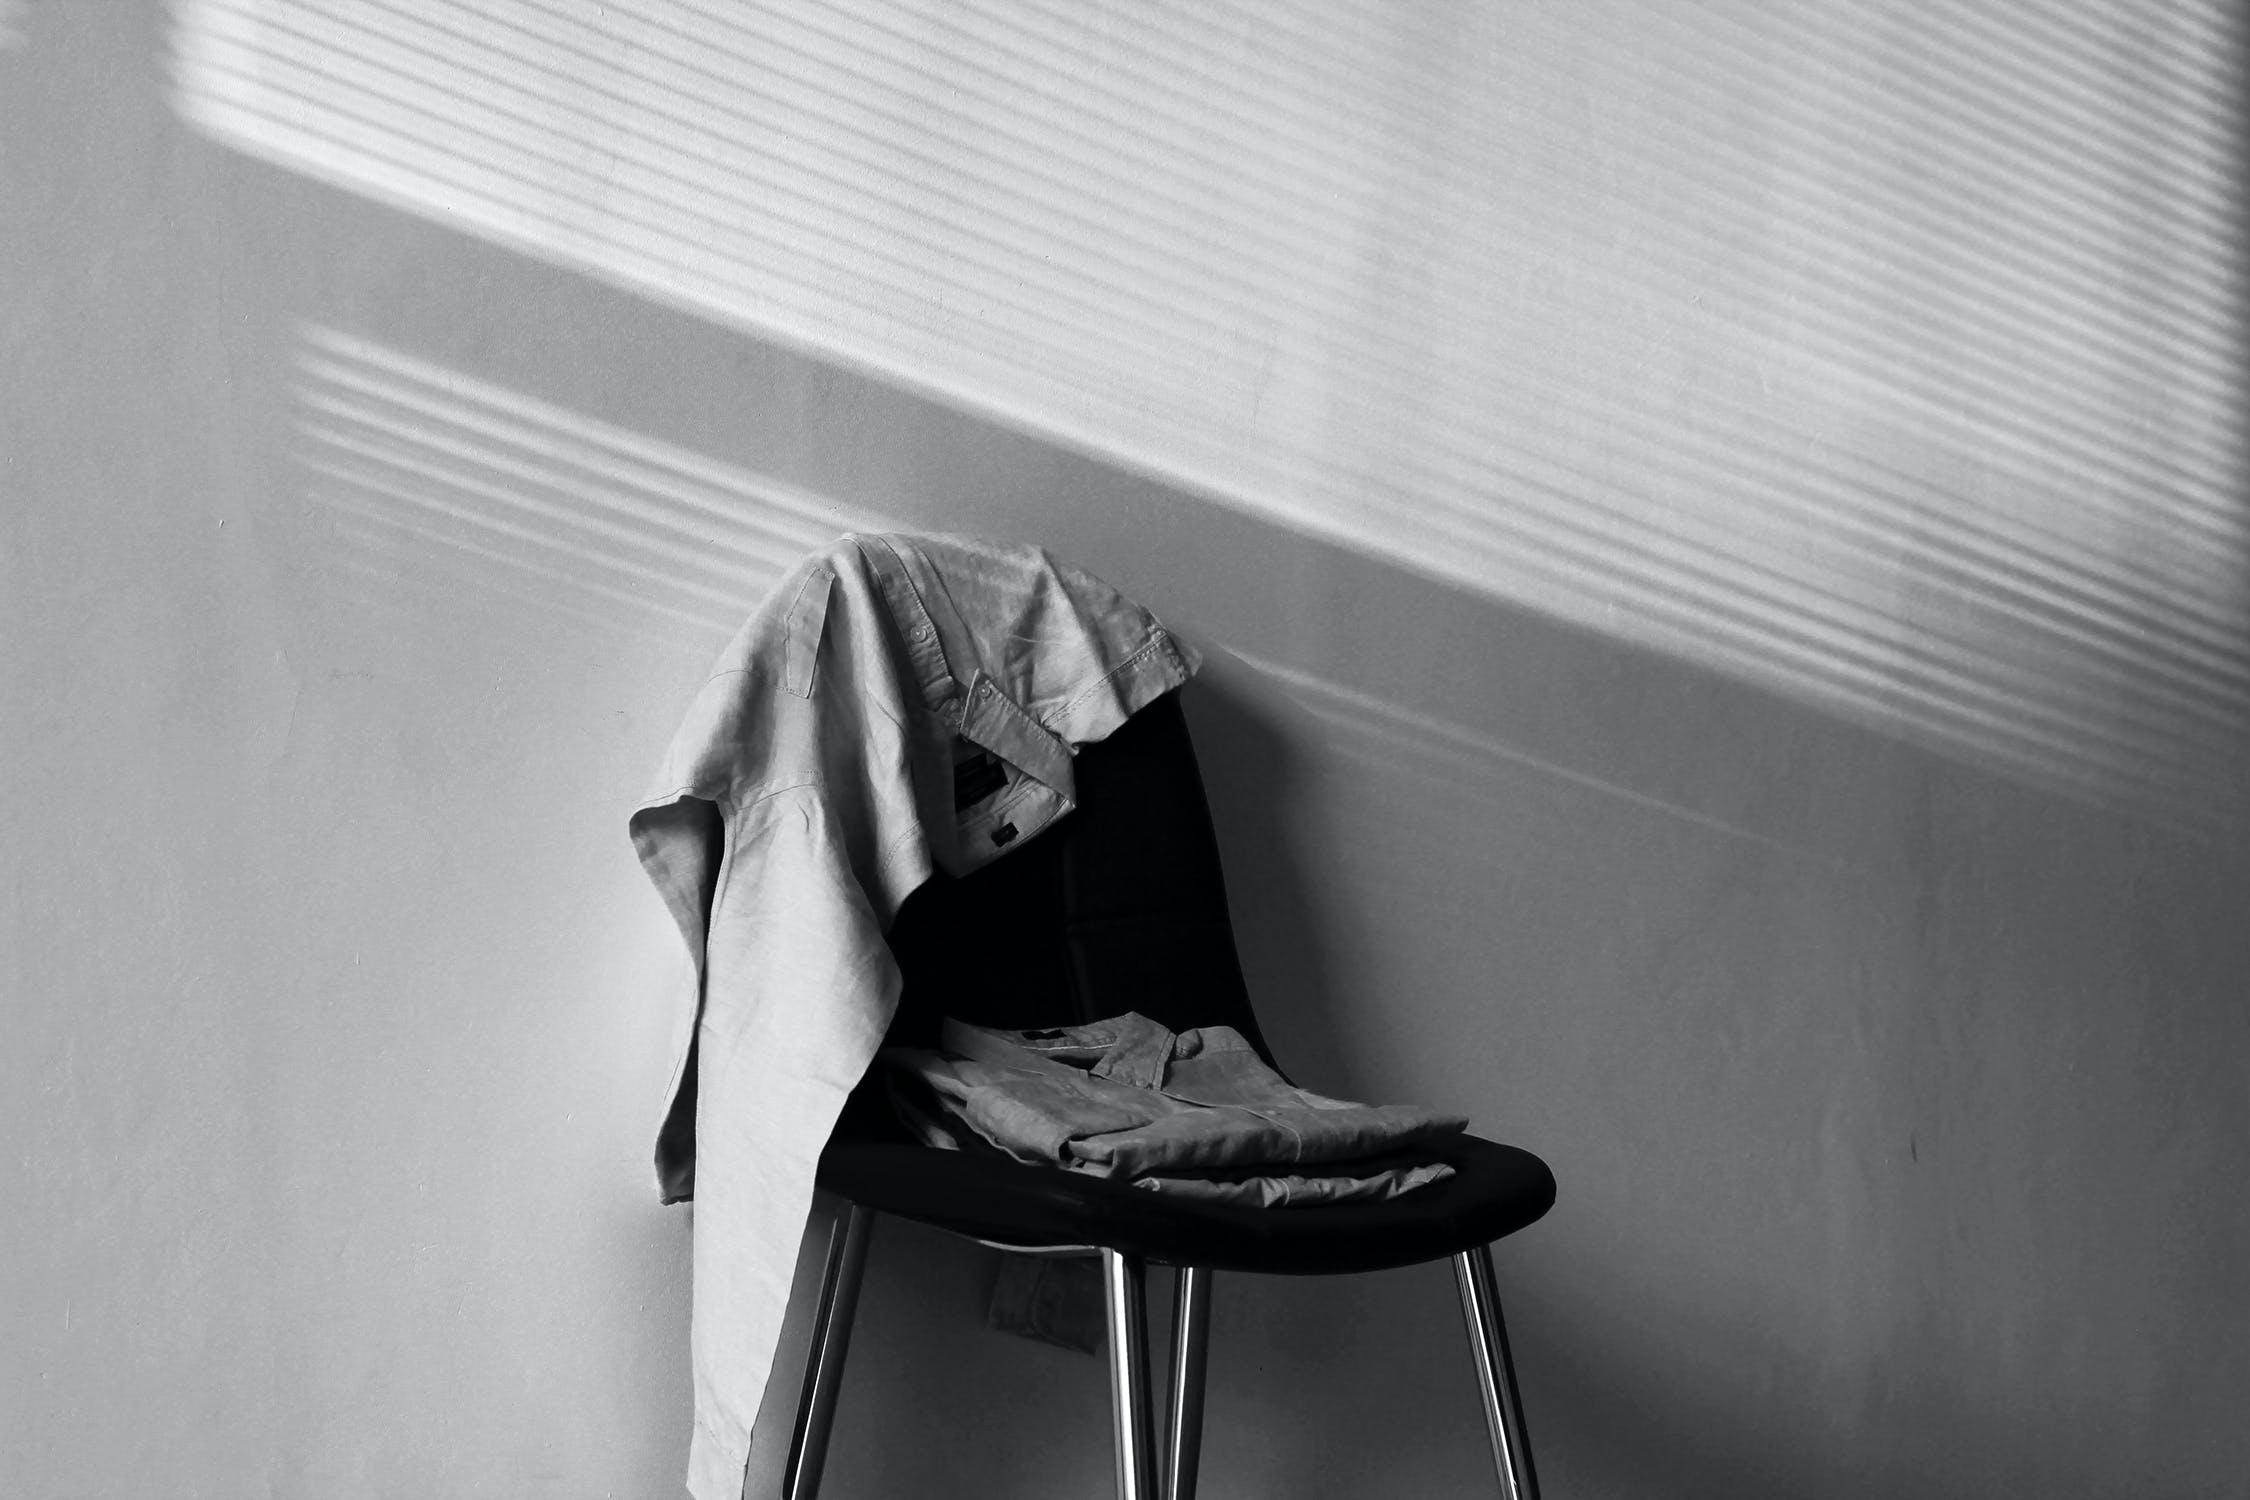 Kostenloses Stock Foto zu schwarz und weiß, hemd, stuhl, sitz